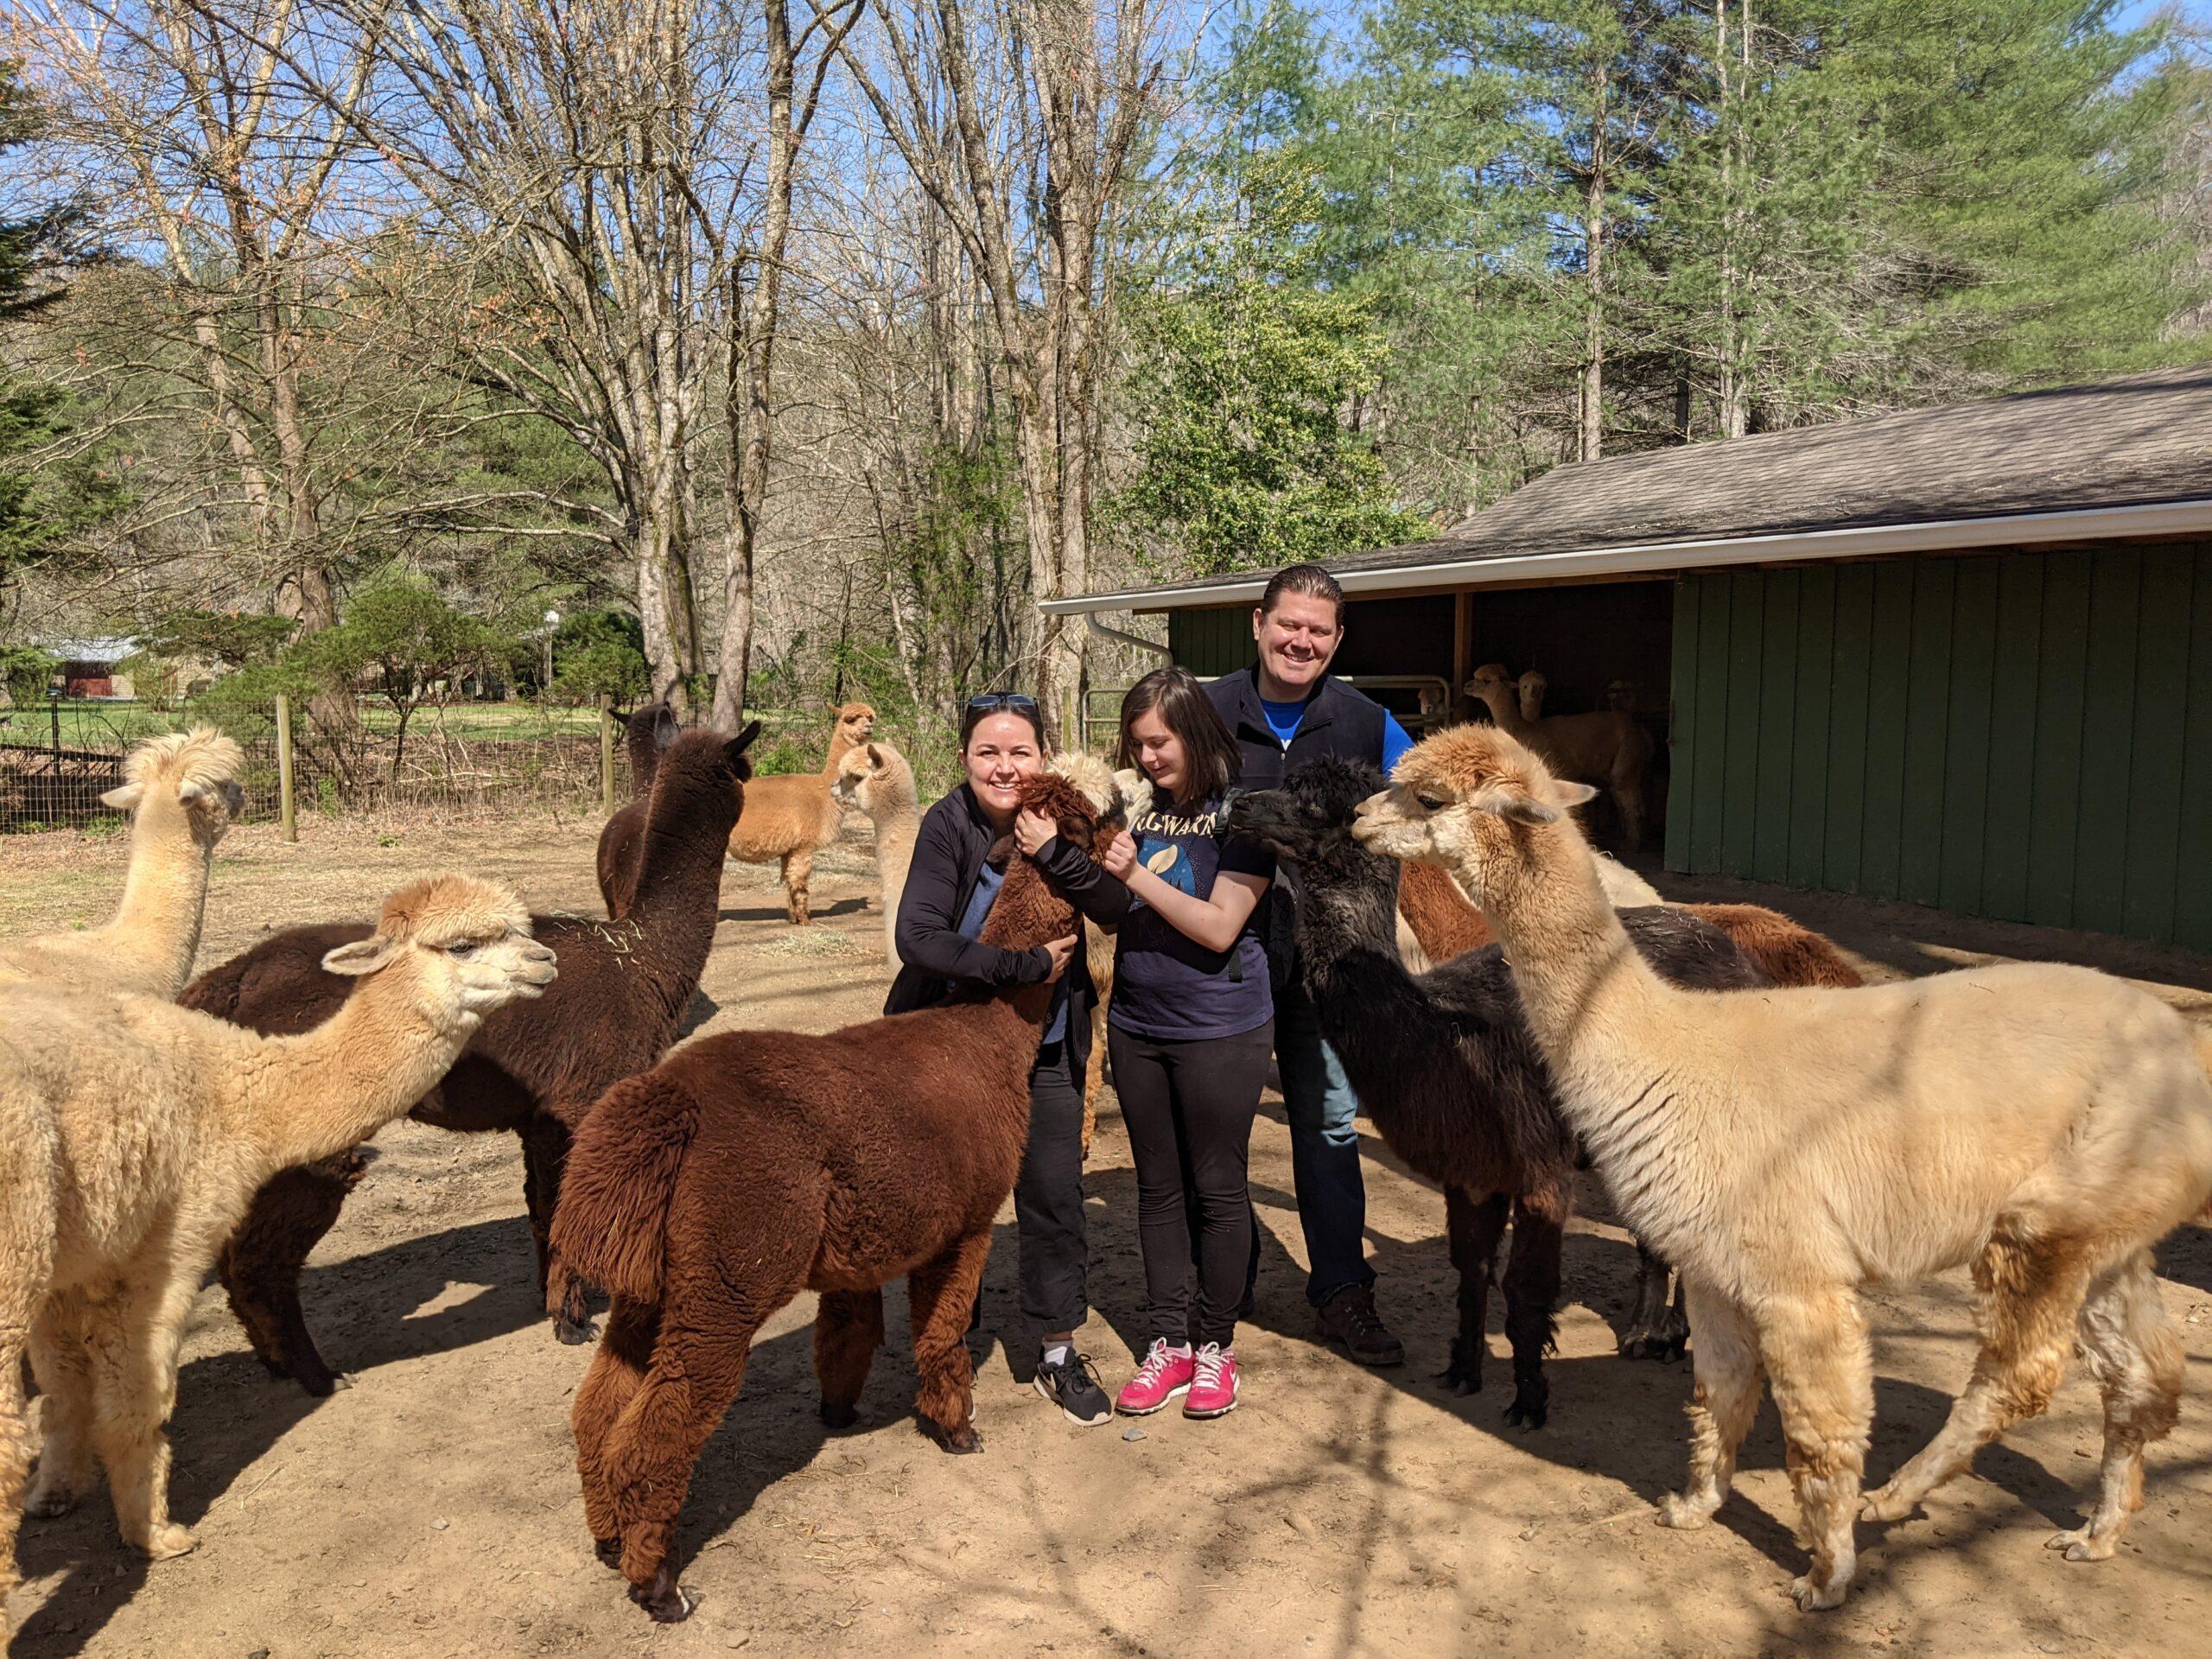 family petting llamas